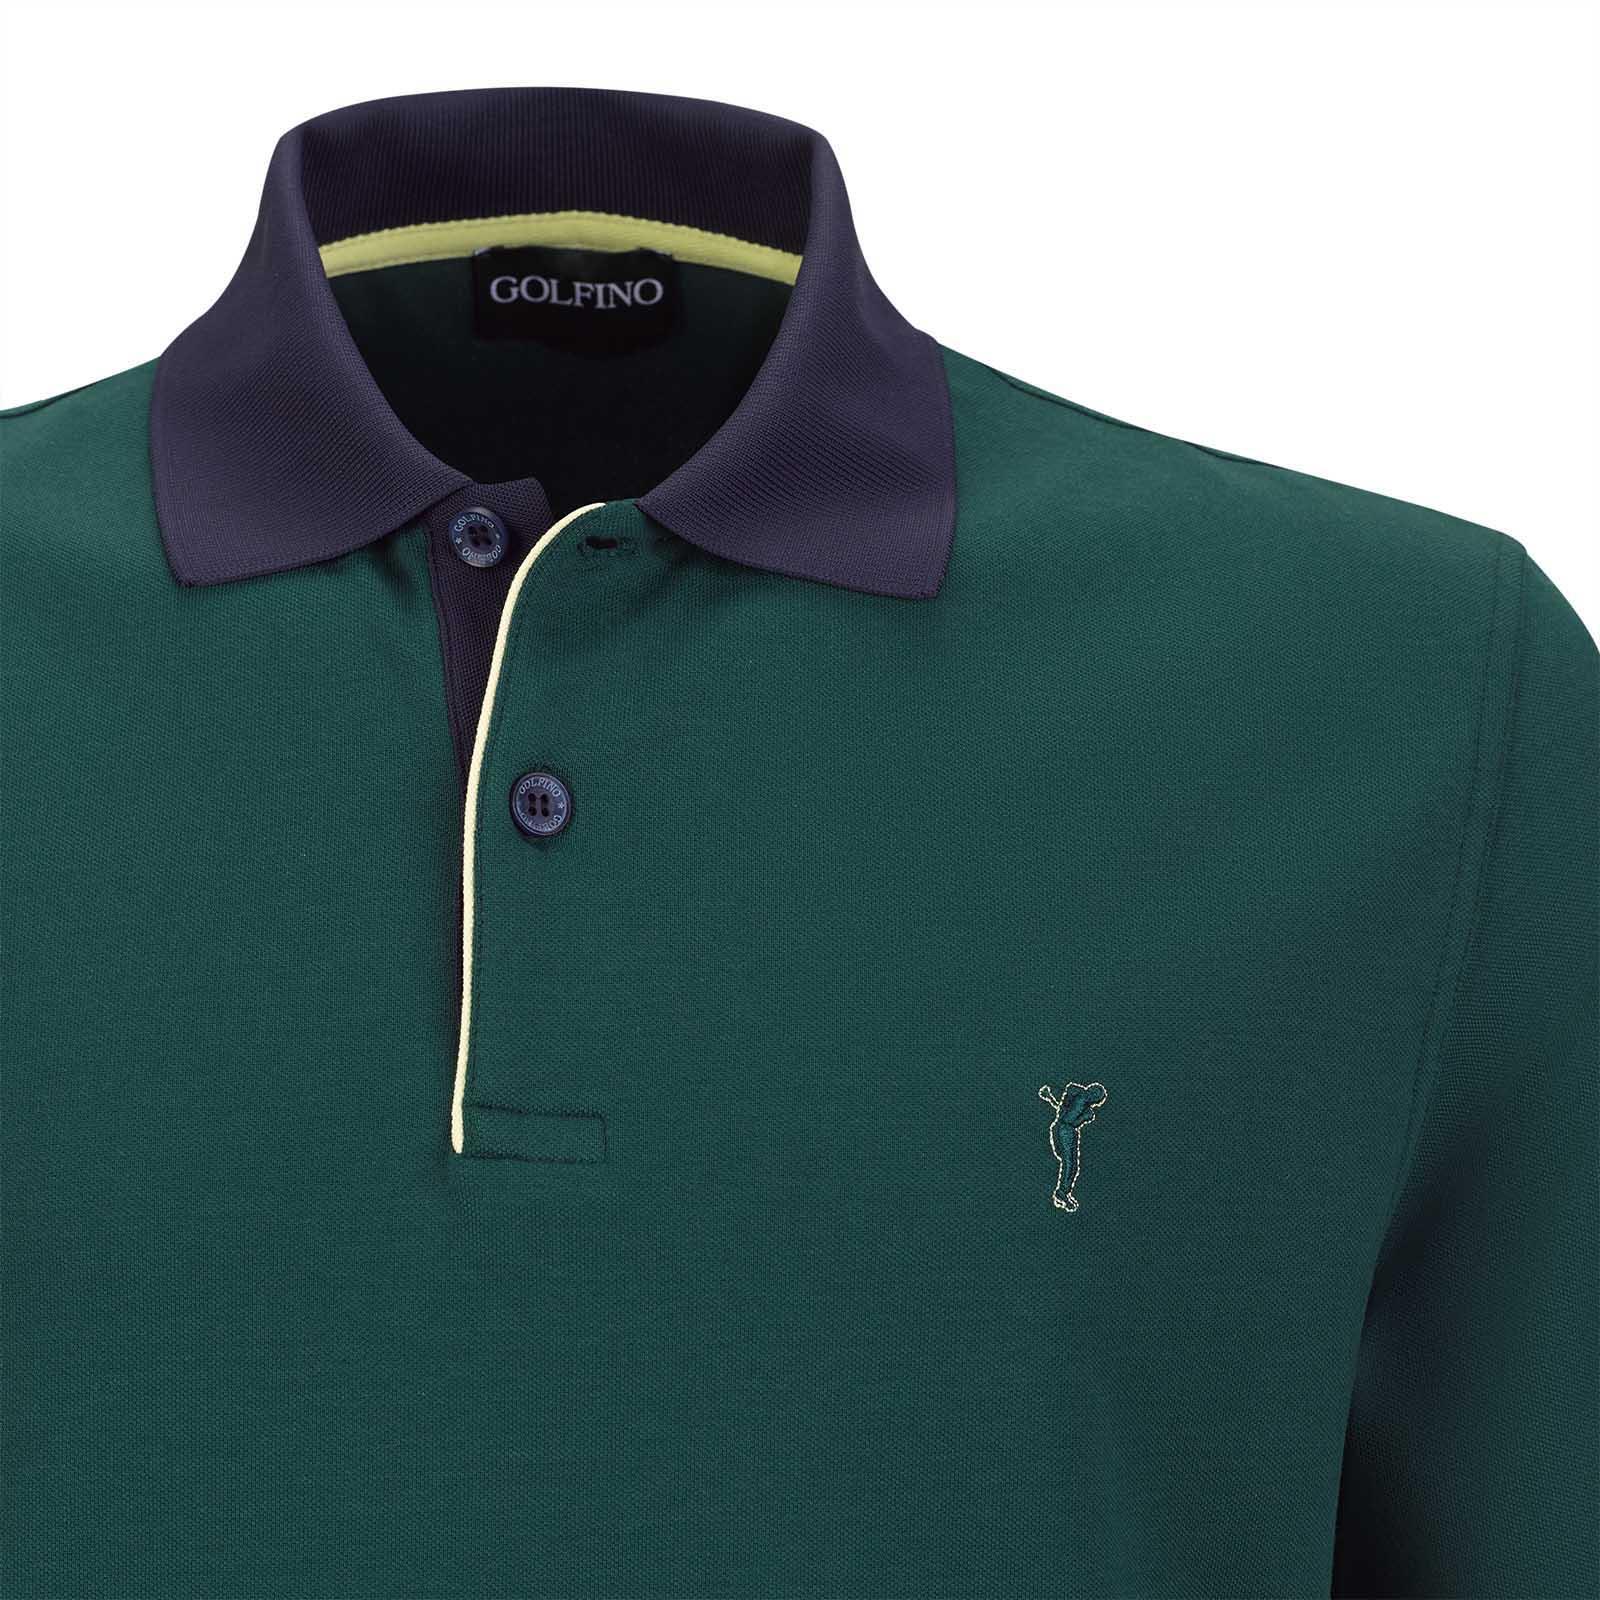 Herren Cotton-Blend Kurzarm Golfpolo mit UV-Schutz Funktion